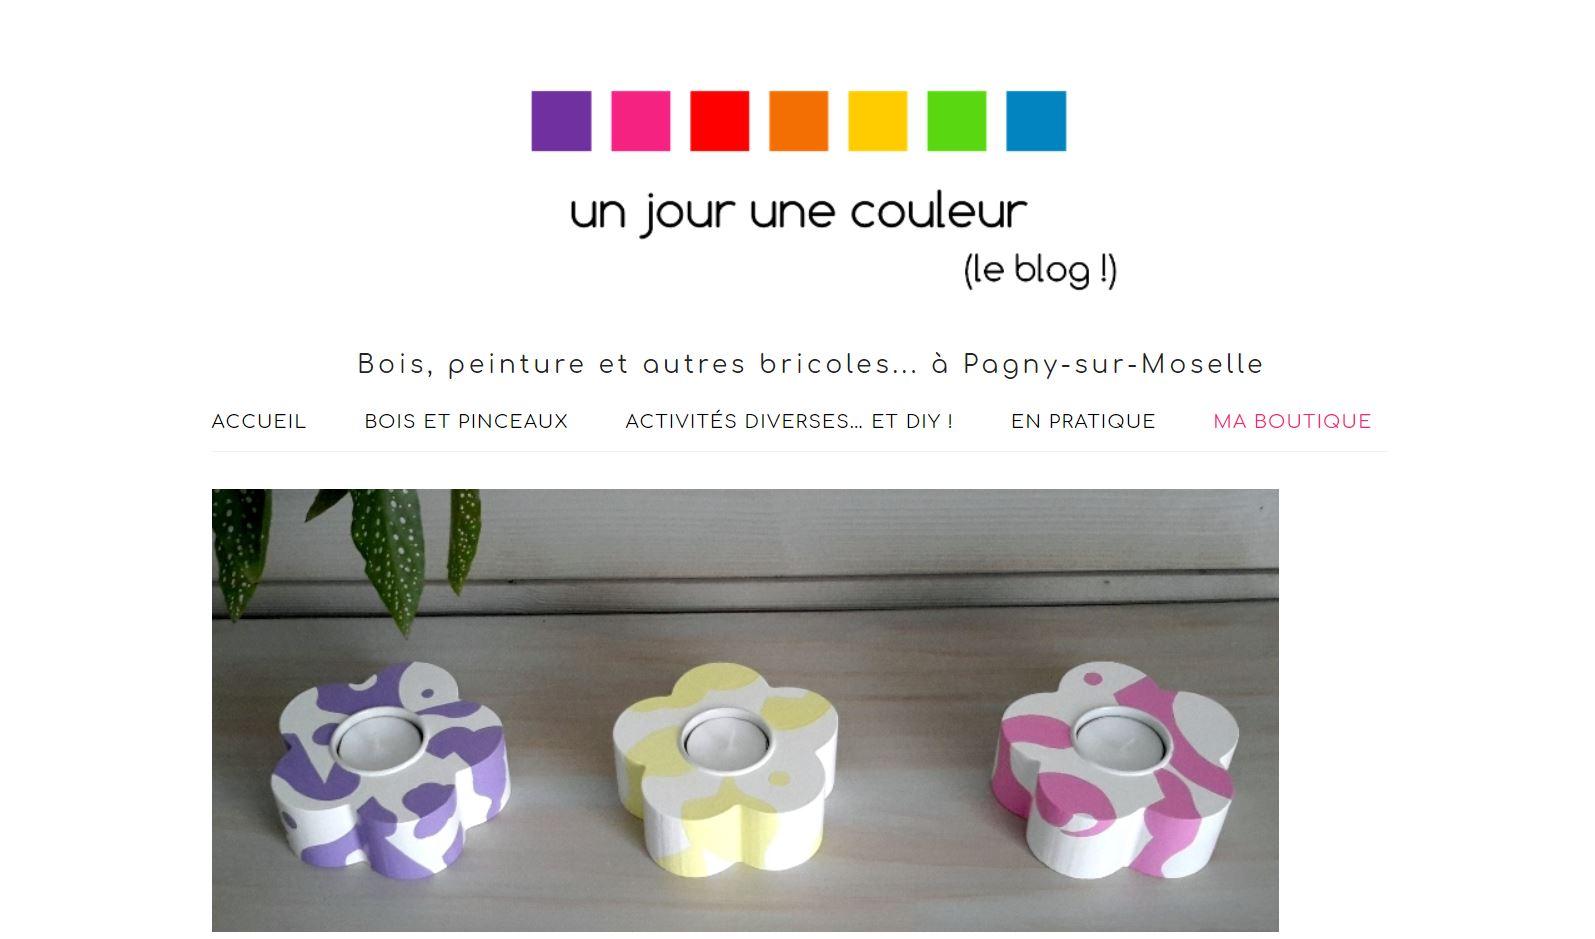 un jour une couleur : développement site internet blog et e-commerce